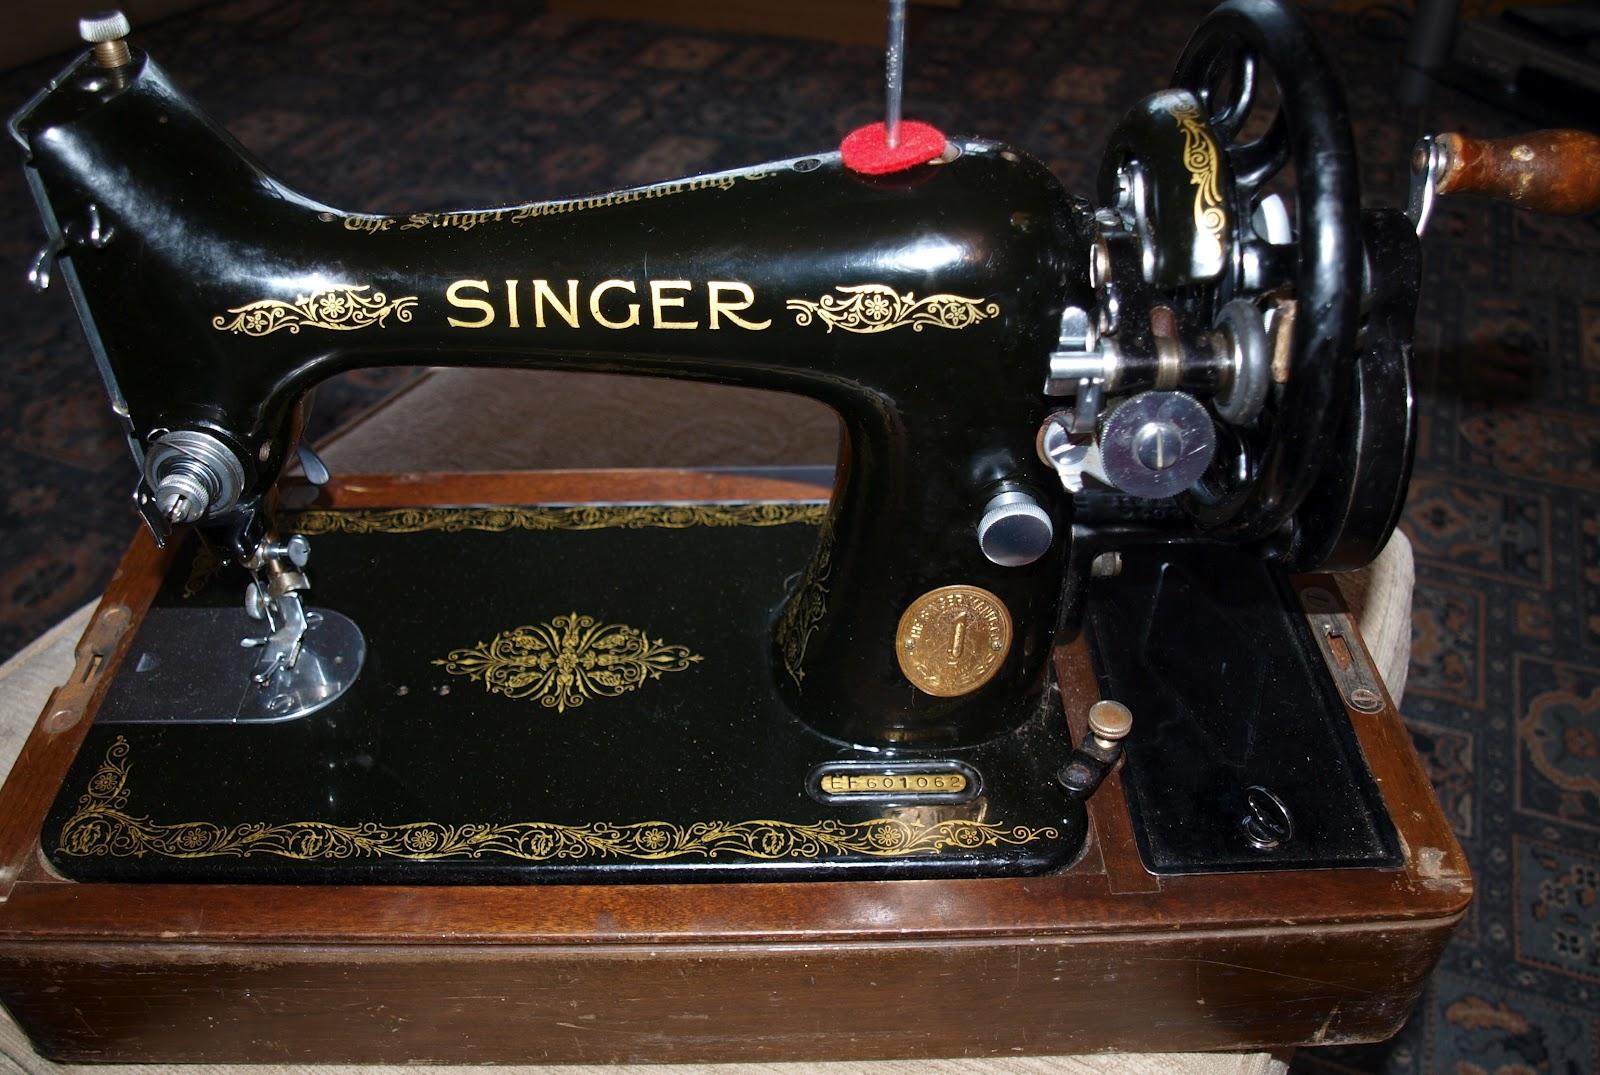 Singer repairs